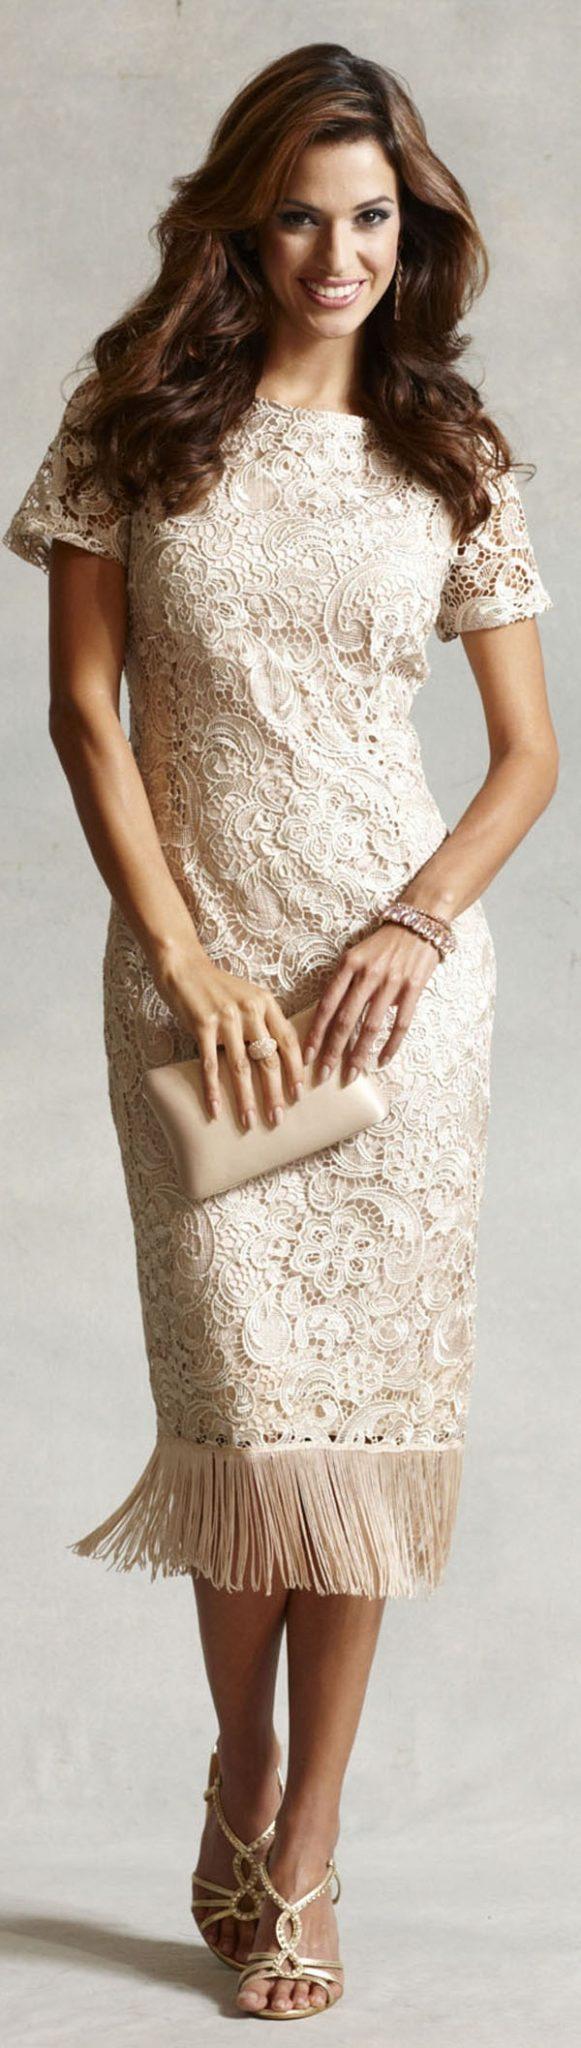 Wedding Dresses For The Older Larger Bride : I do take two wedding dresses for older brides